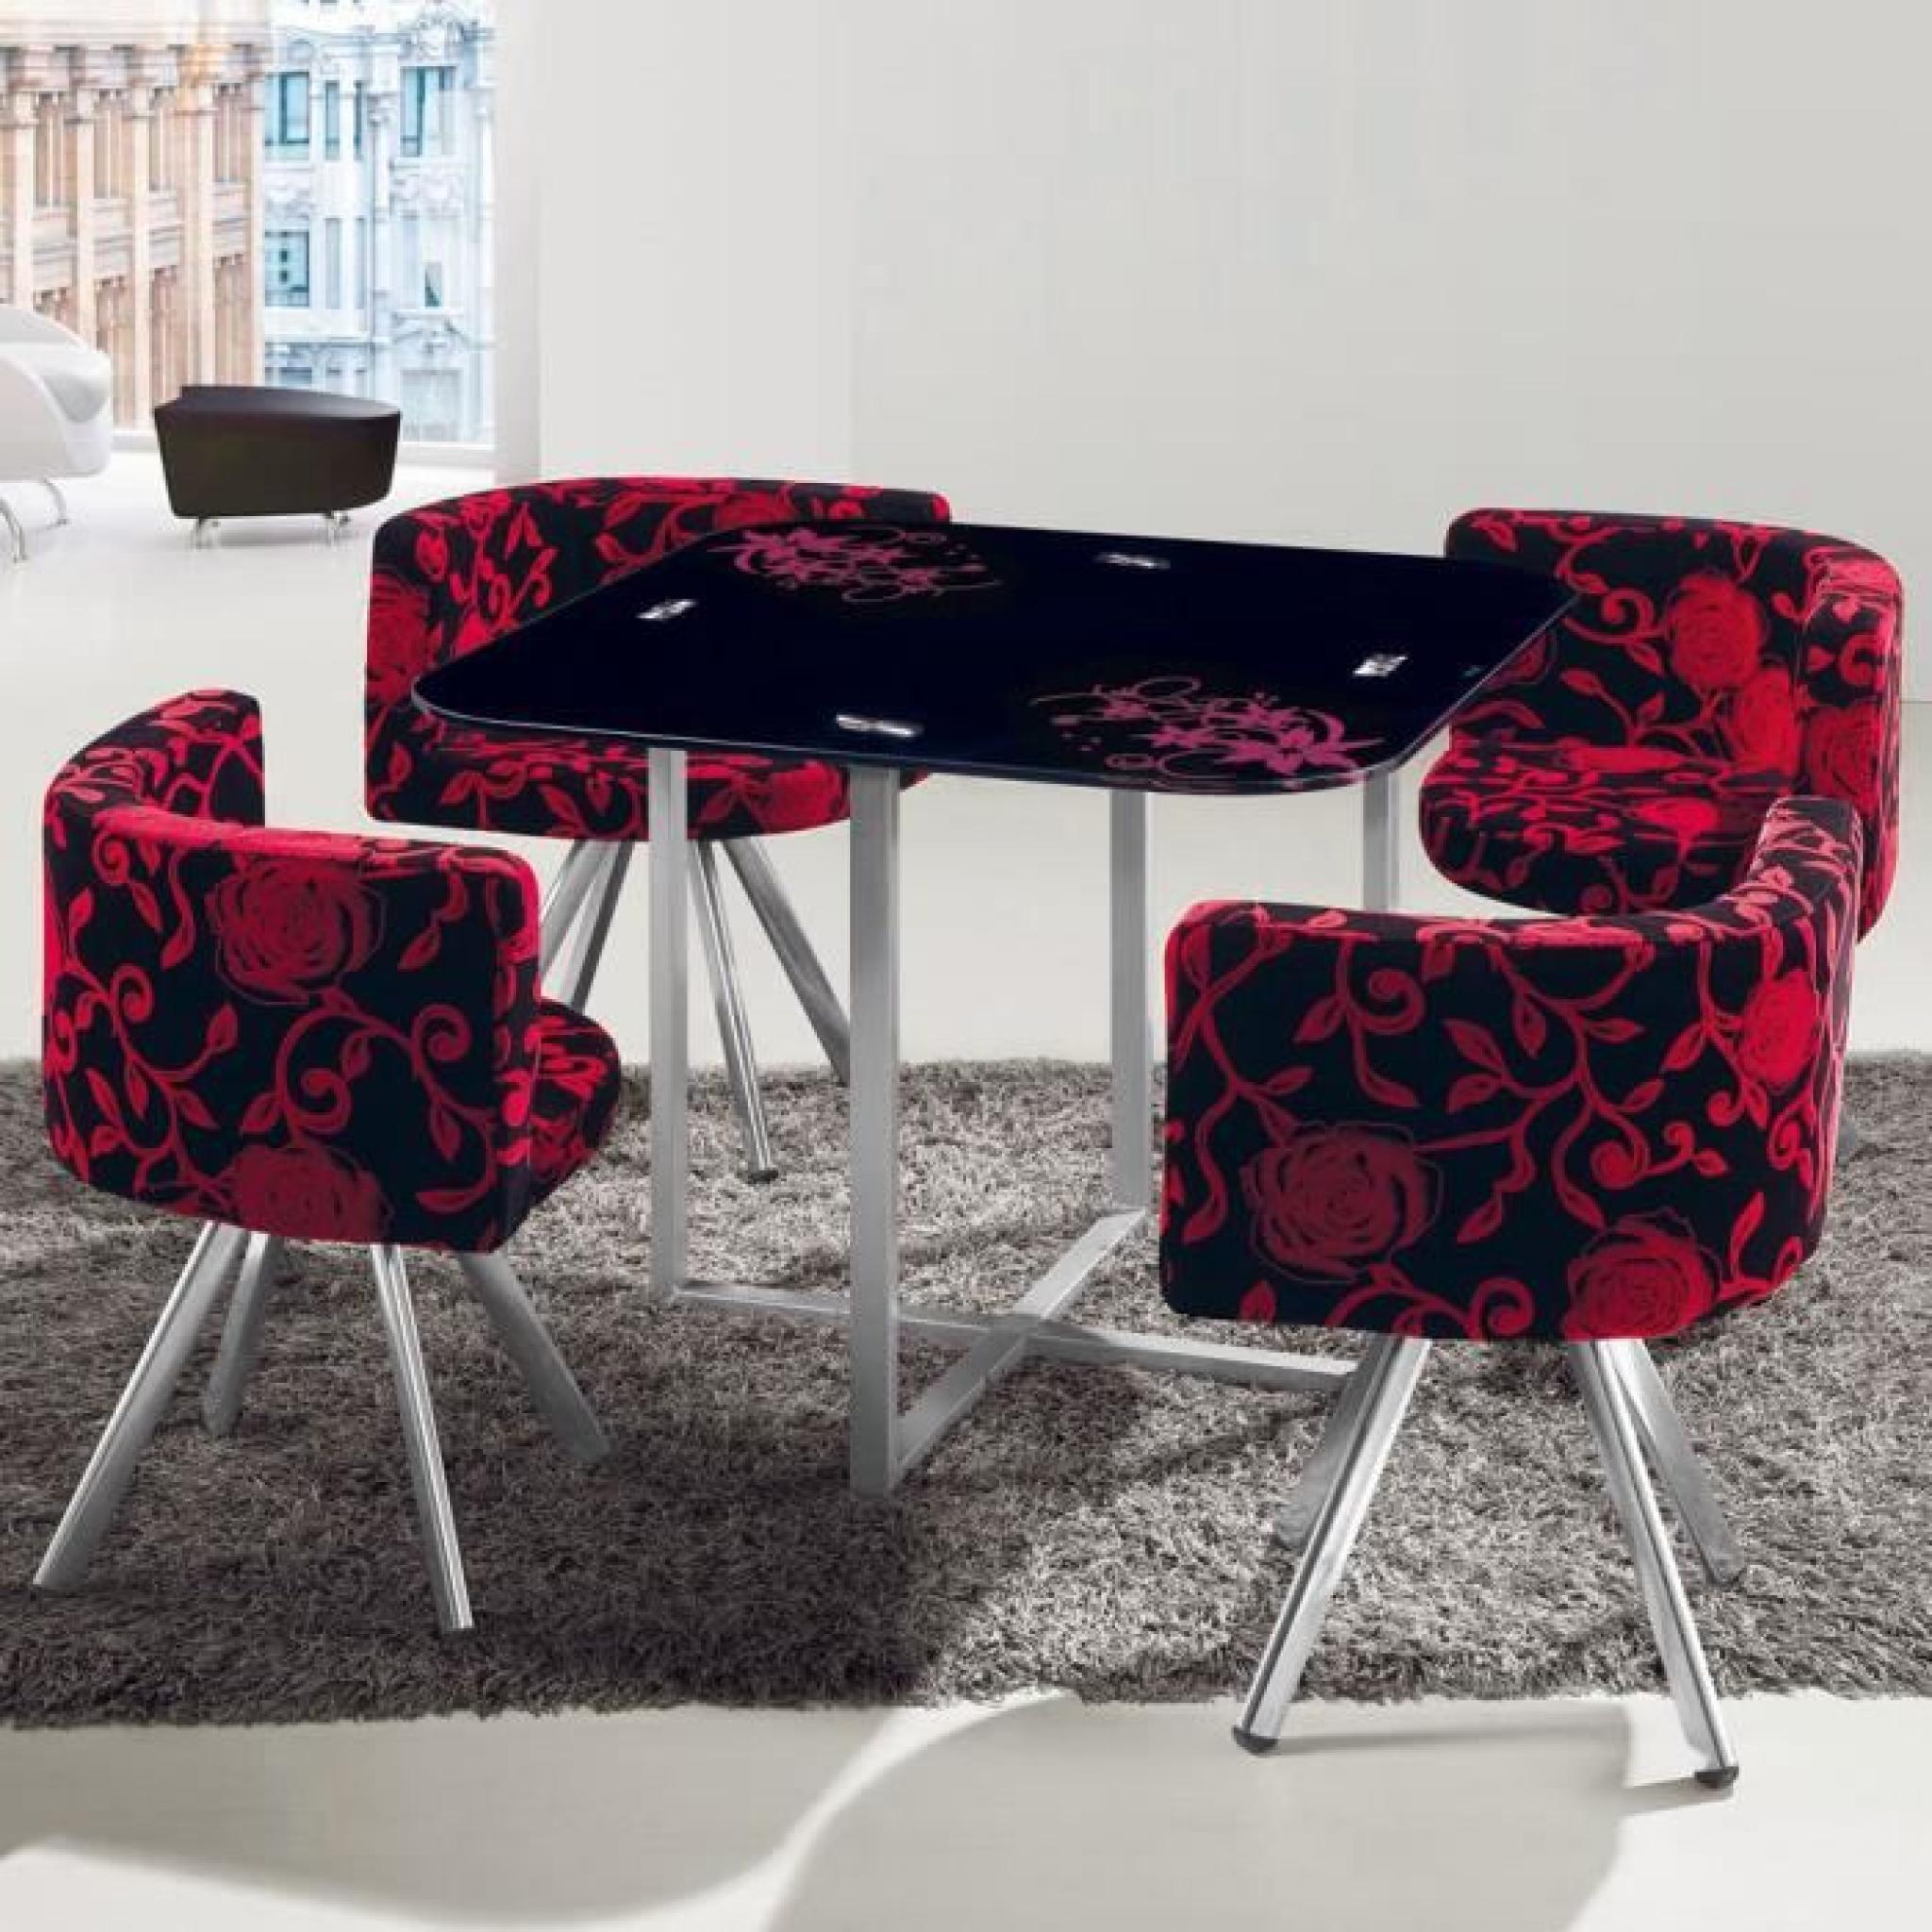 Table Et Chaises Mosaic 90 Fleurs Rouge Noir Pas Cher